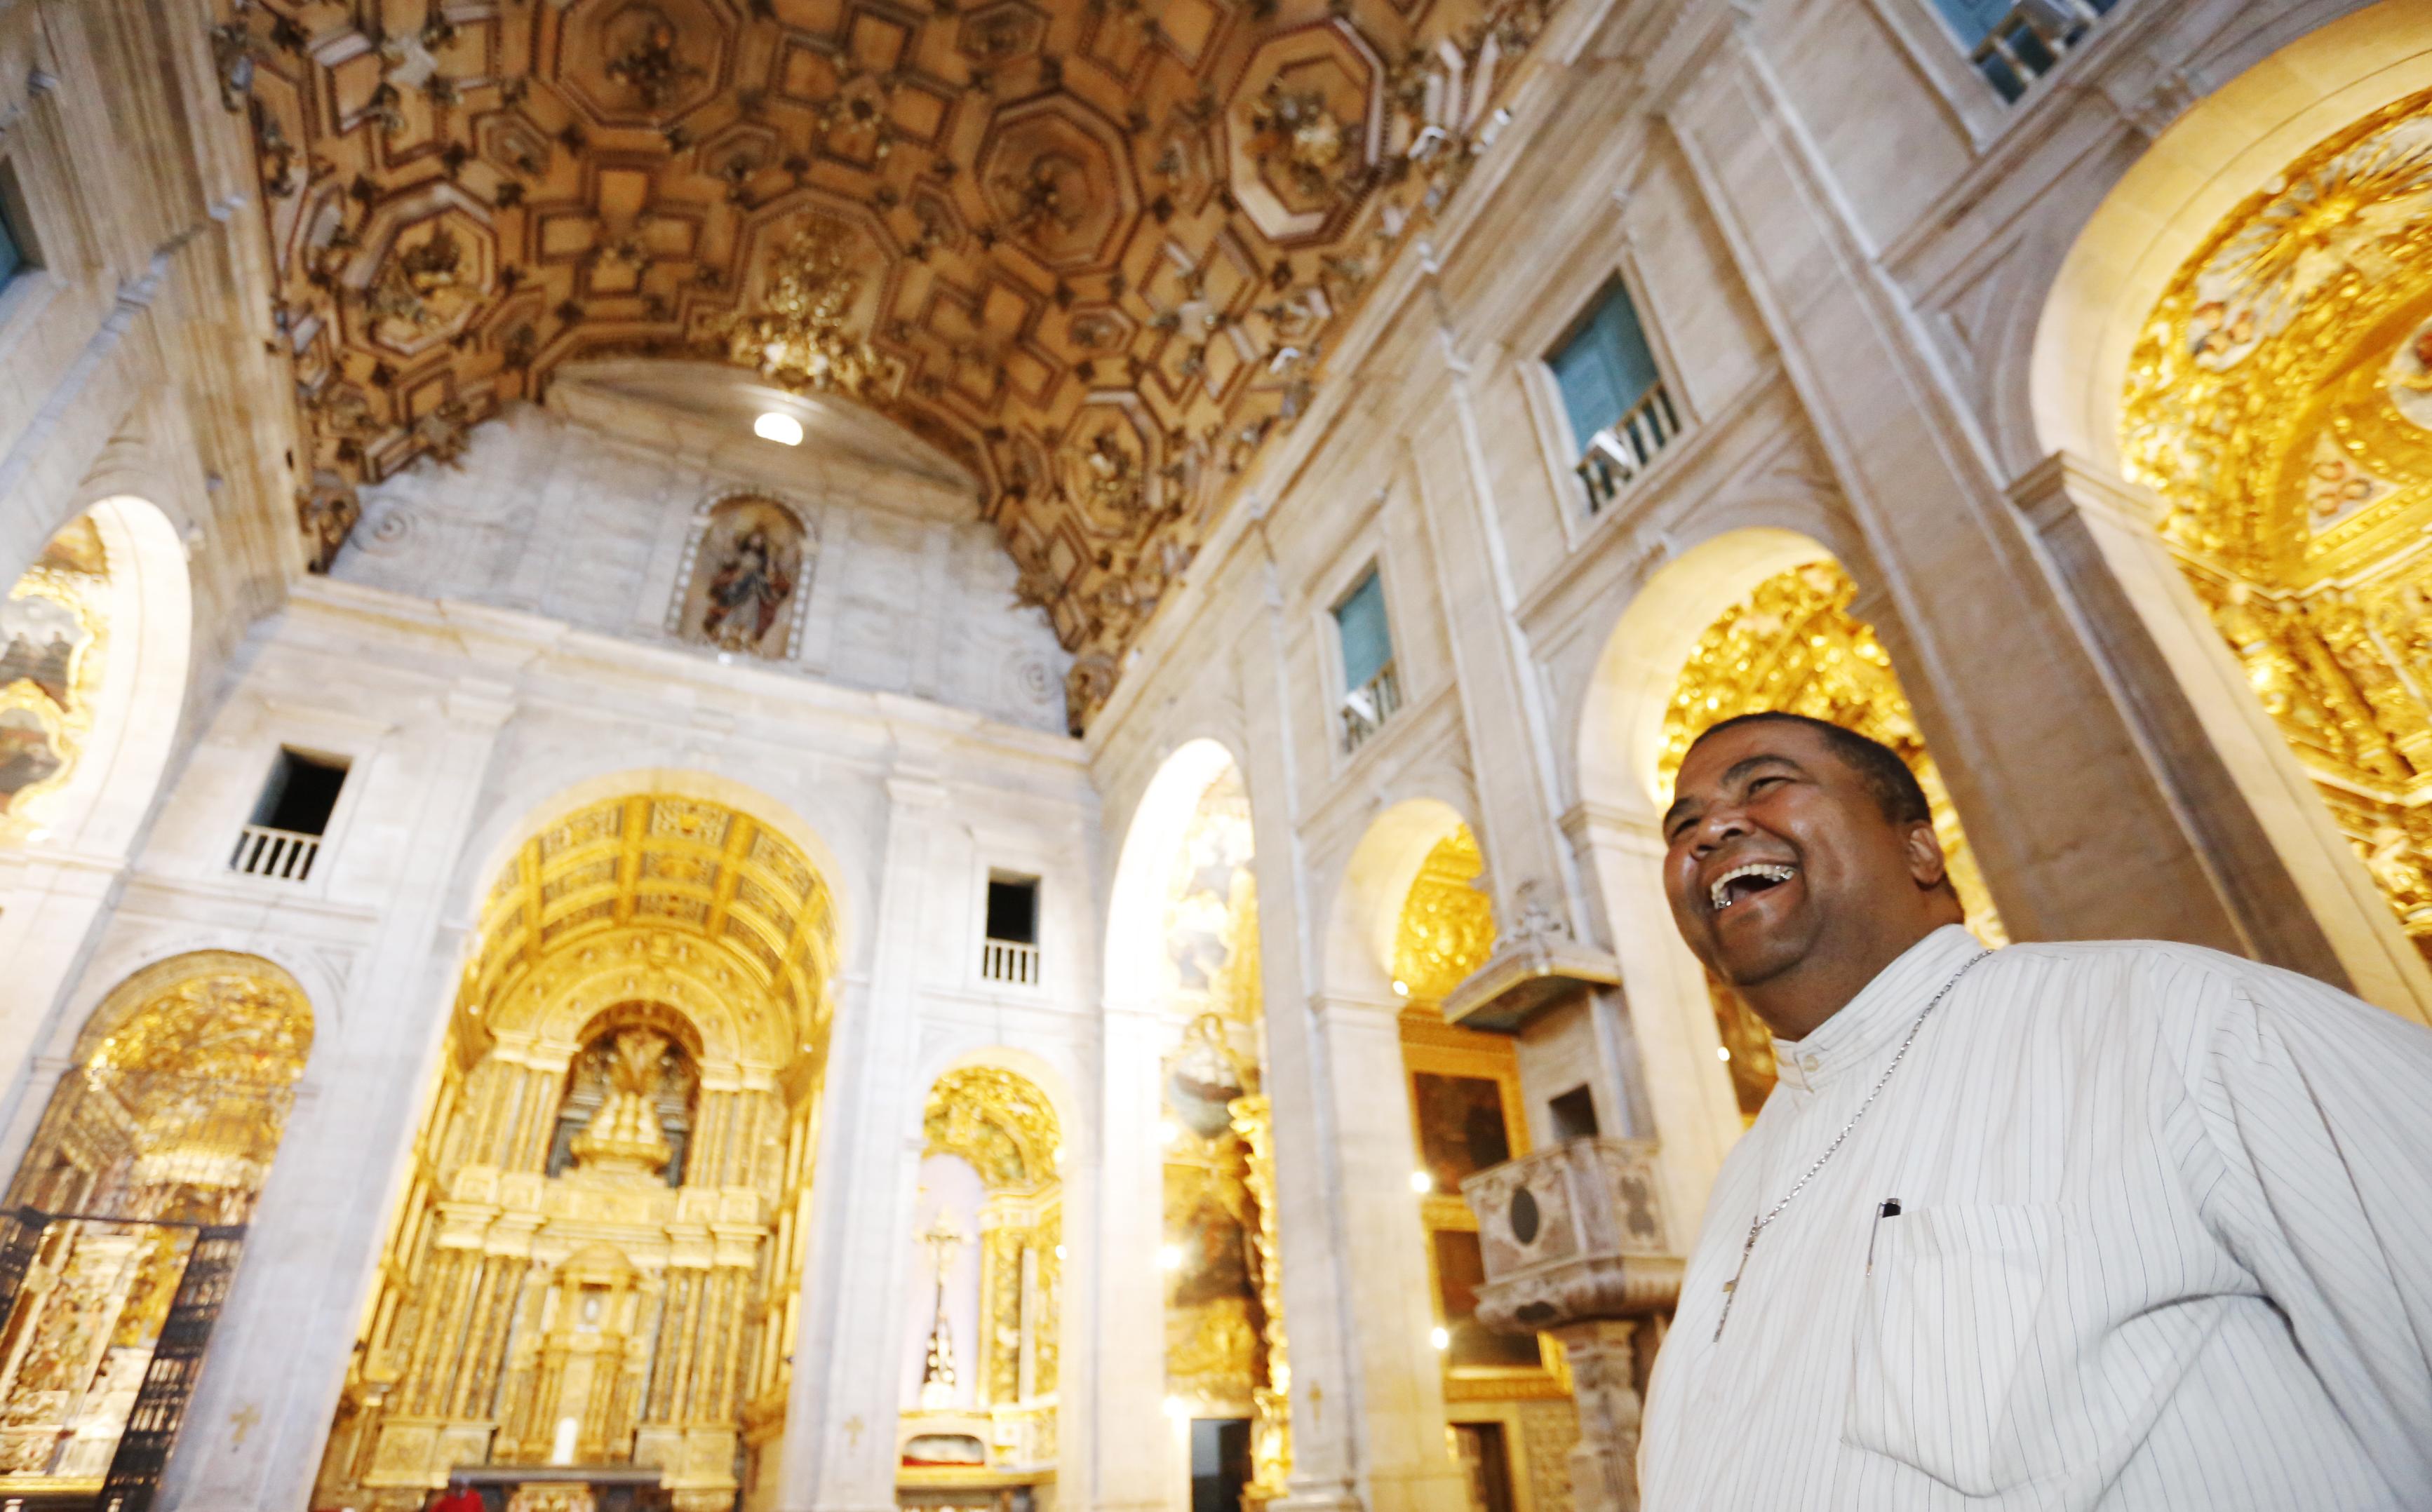 A alegria do pároco da Catedral, padre Lázaro Muniz